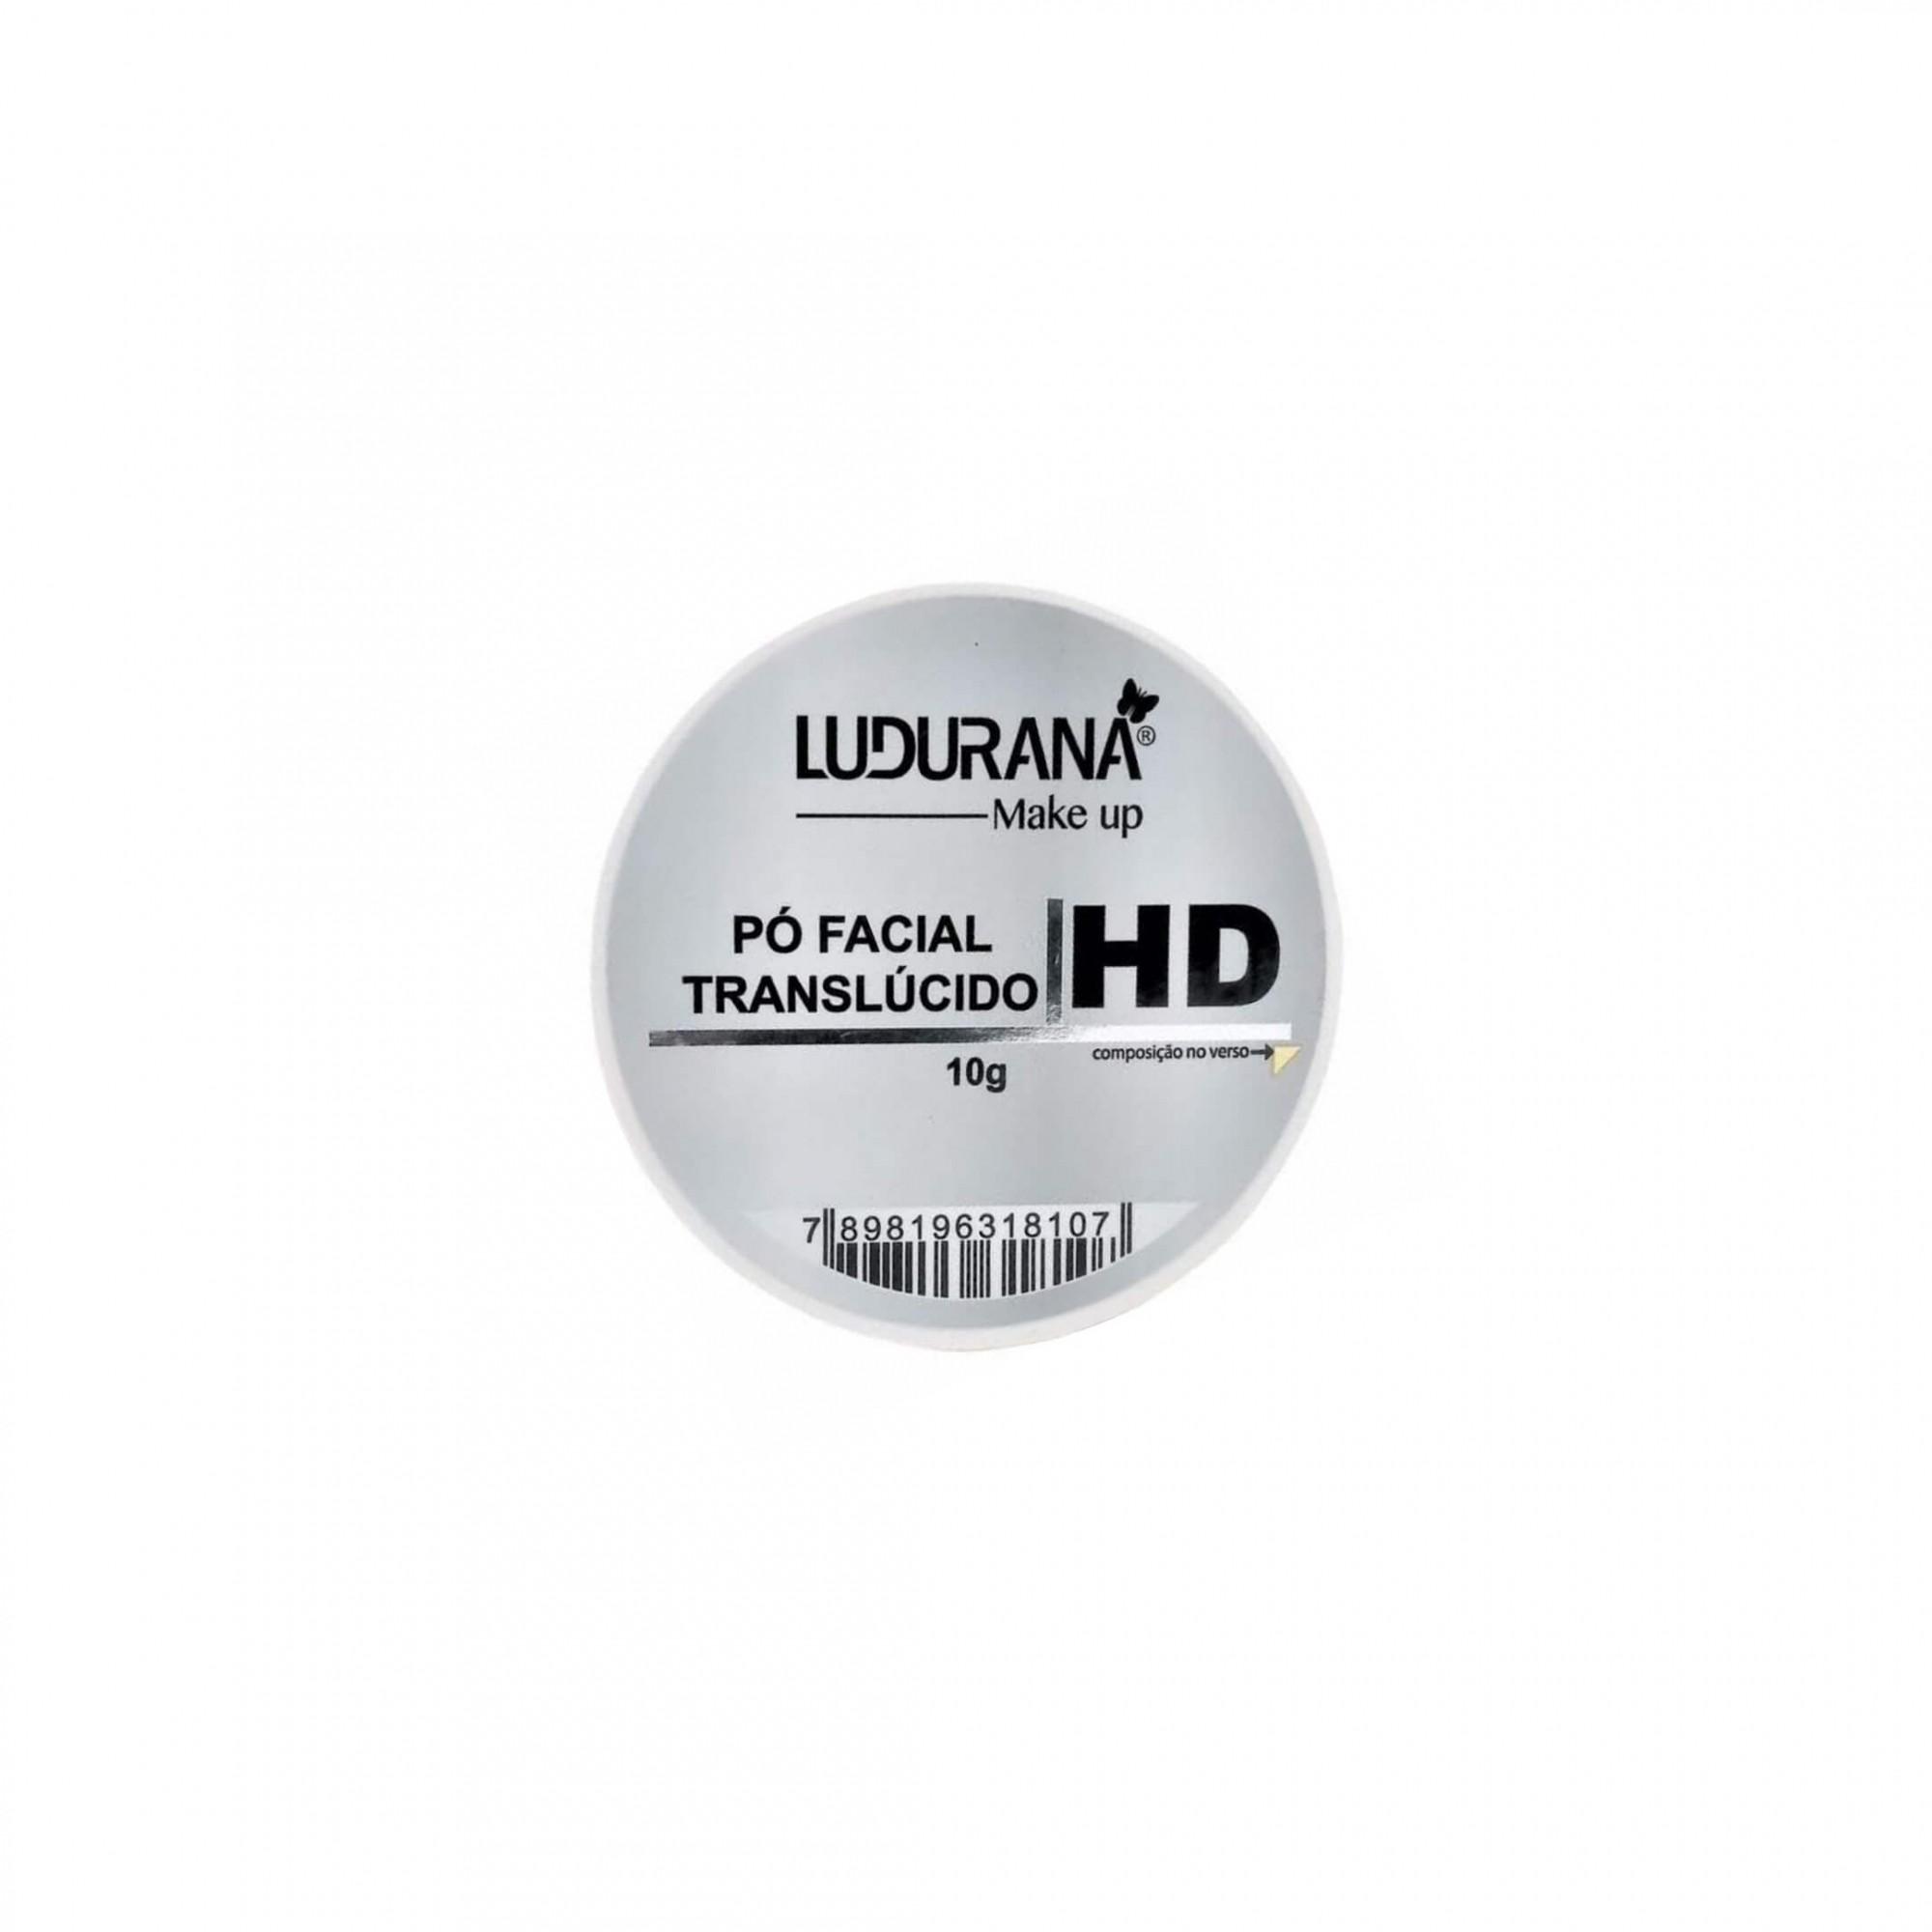 Pó facial translúcido HD Ludurana